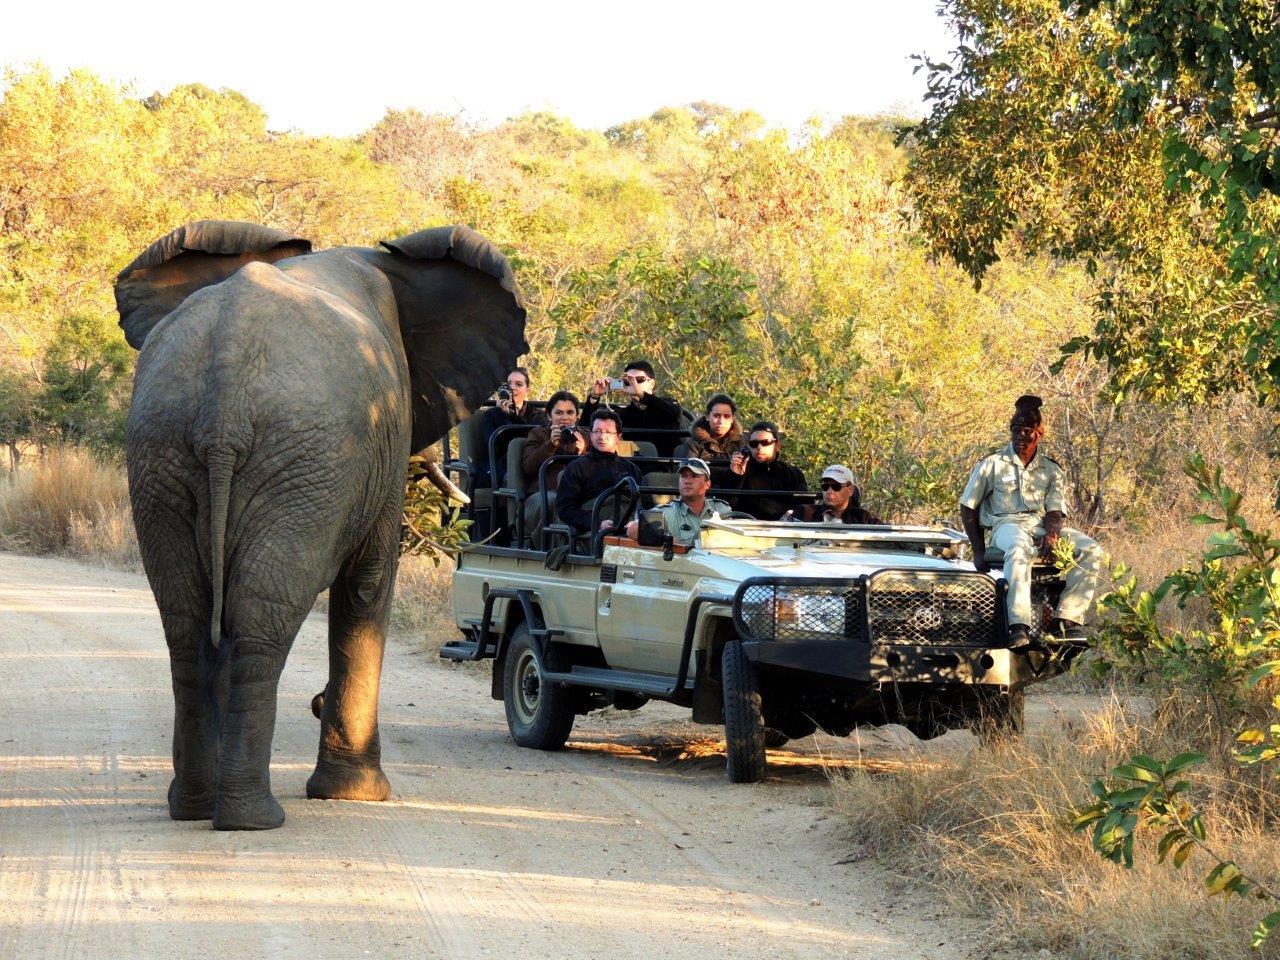 Pacote de viagens para áfrica do Sul Kriger park - Confira 6 dicas para fazer safári na África que você precisa conhecer!